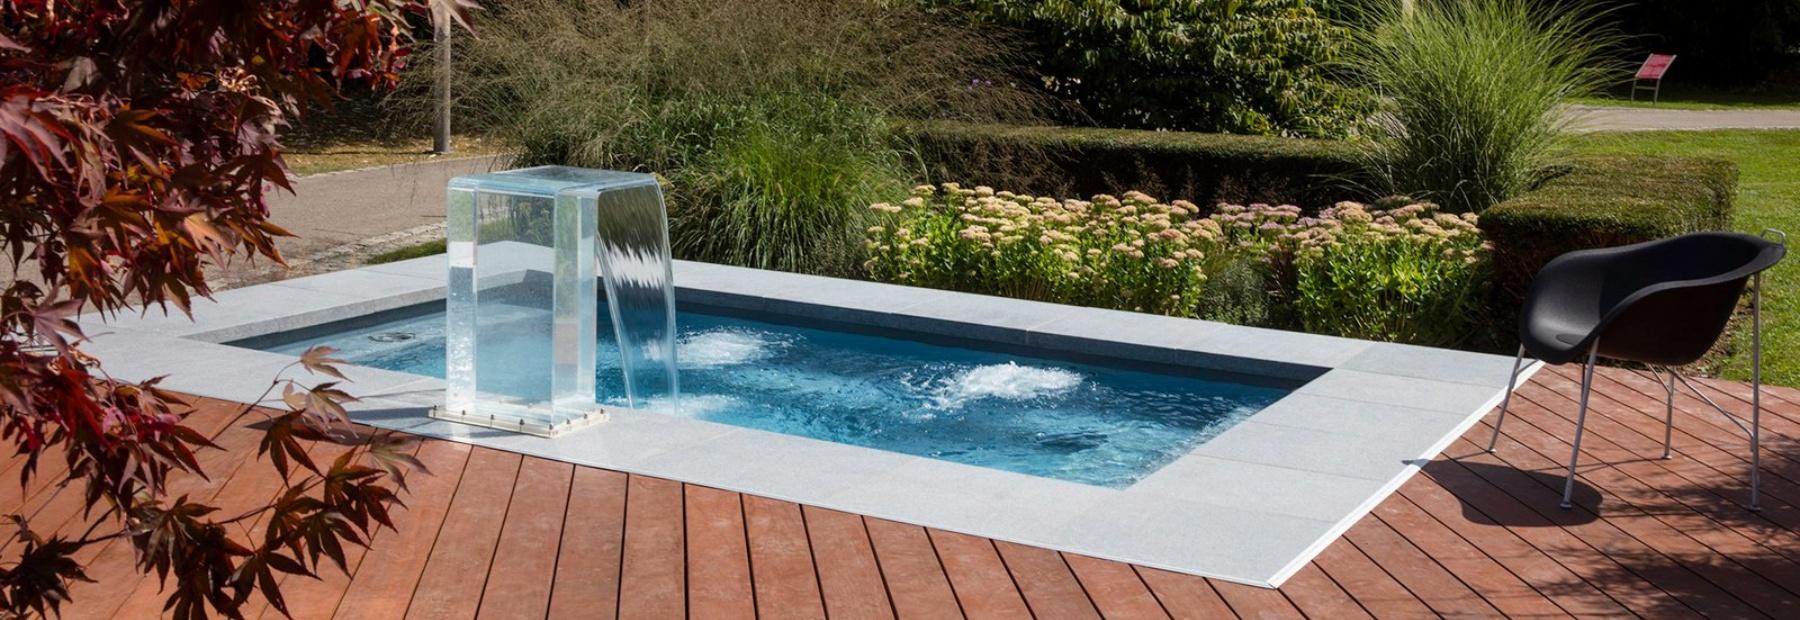 Full Size of Mini Pool Kaufen Online Gfk Garten C Side Von Riverapool Küche Günstig Bett Aus Paletten Fenster Aluminium Miniküche Mit Kühlschrank Gebrauchte Wohnzimmer Mini Pool Kaufen